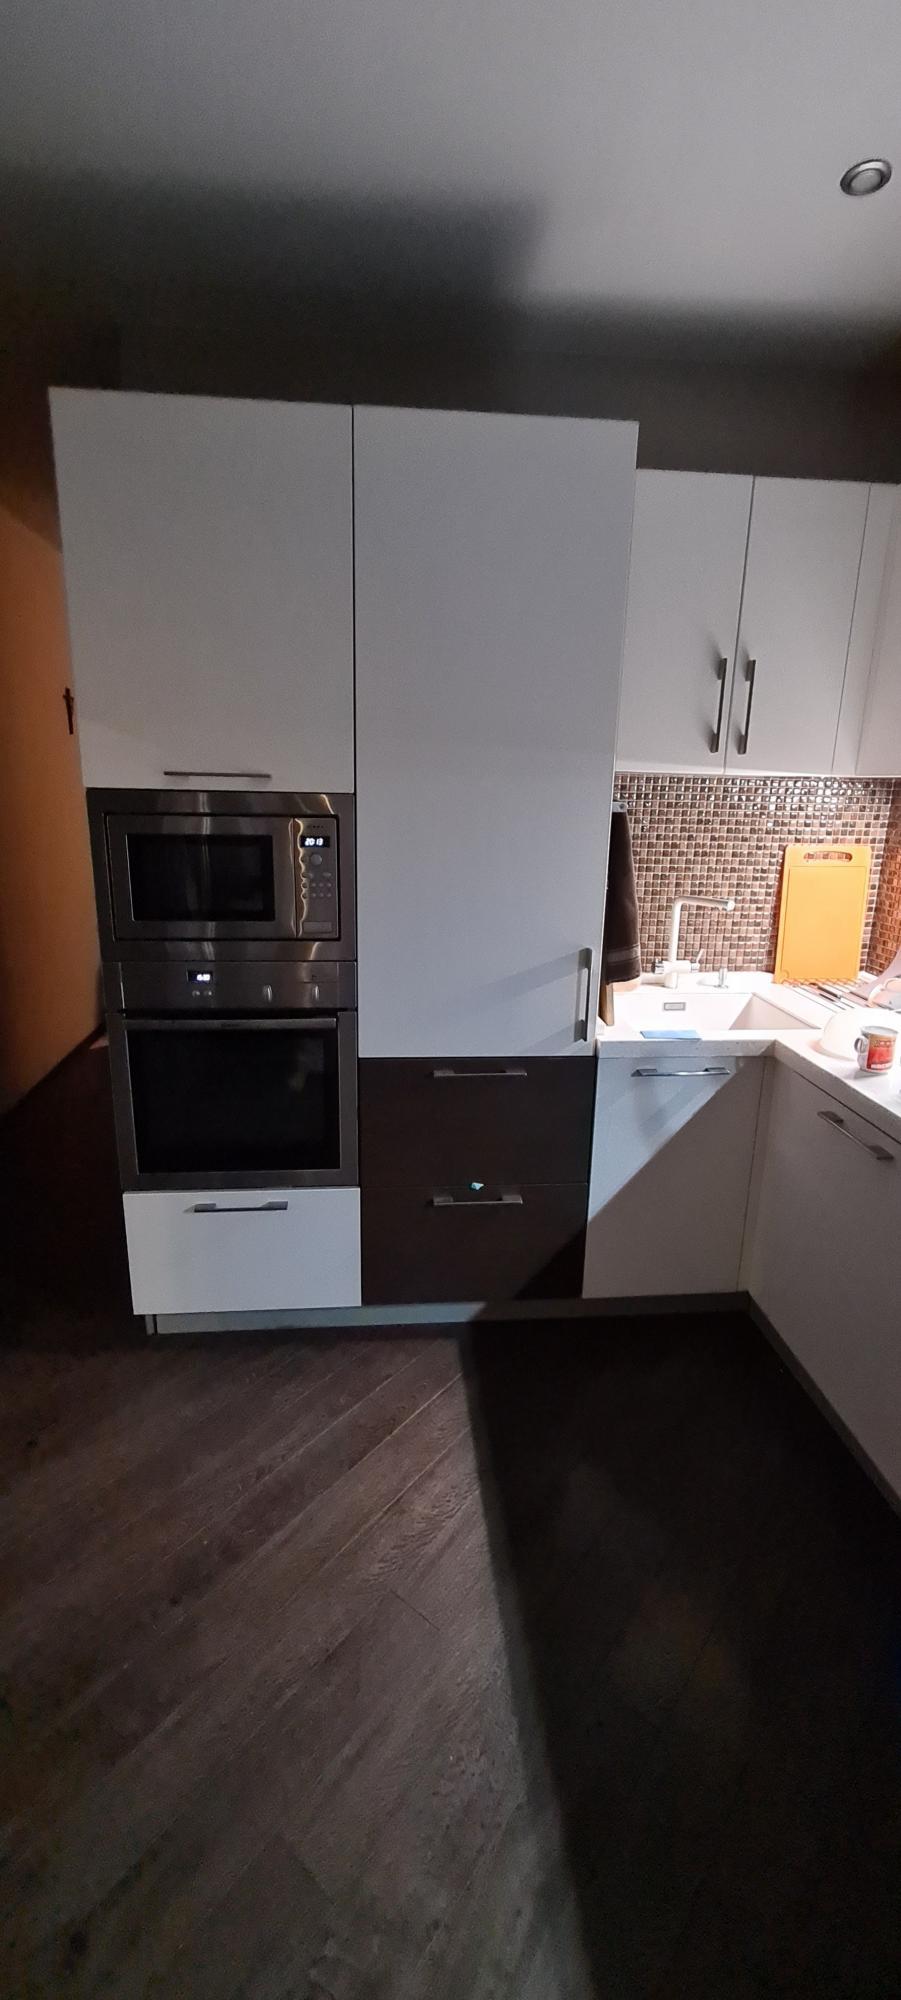 Квартира, 3 комнаты, 96 м² в Москве 89154177177 купить 4